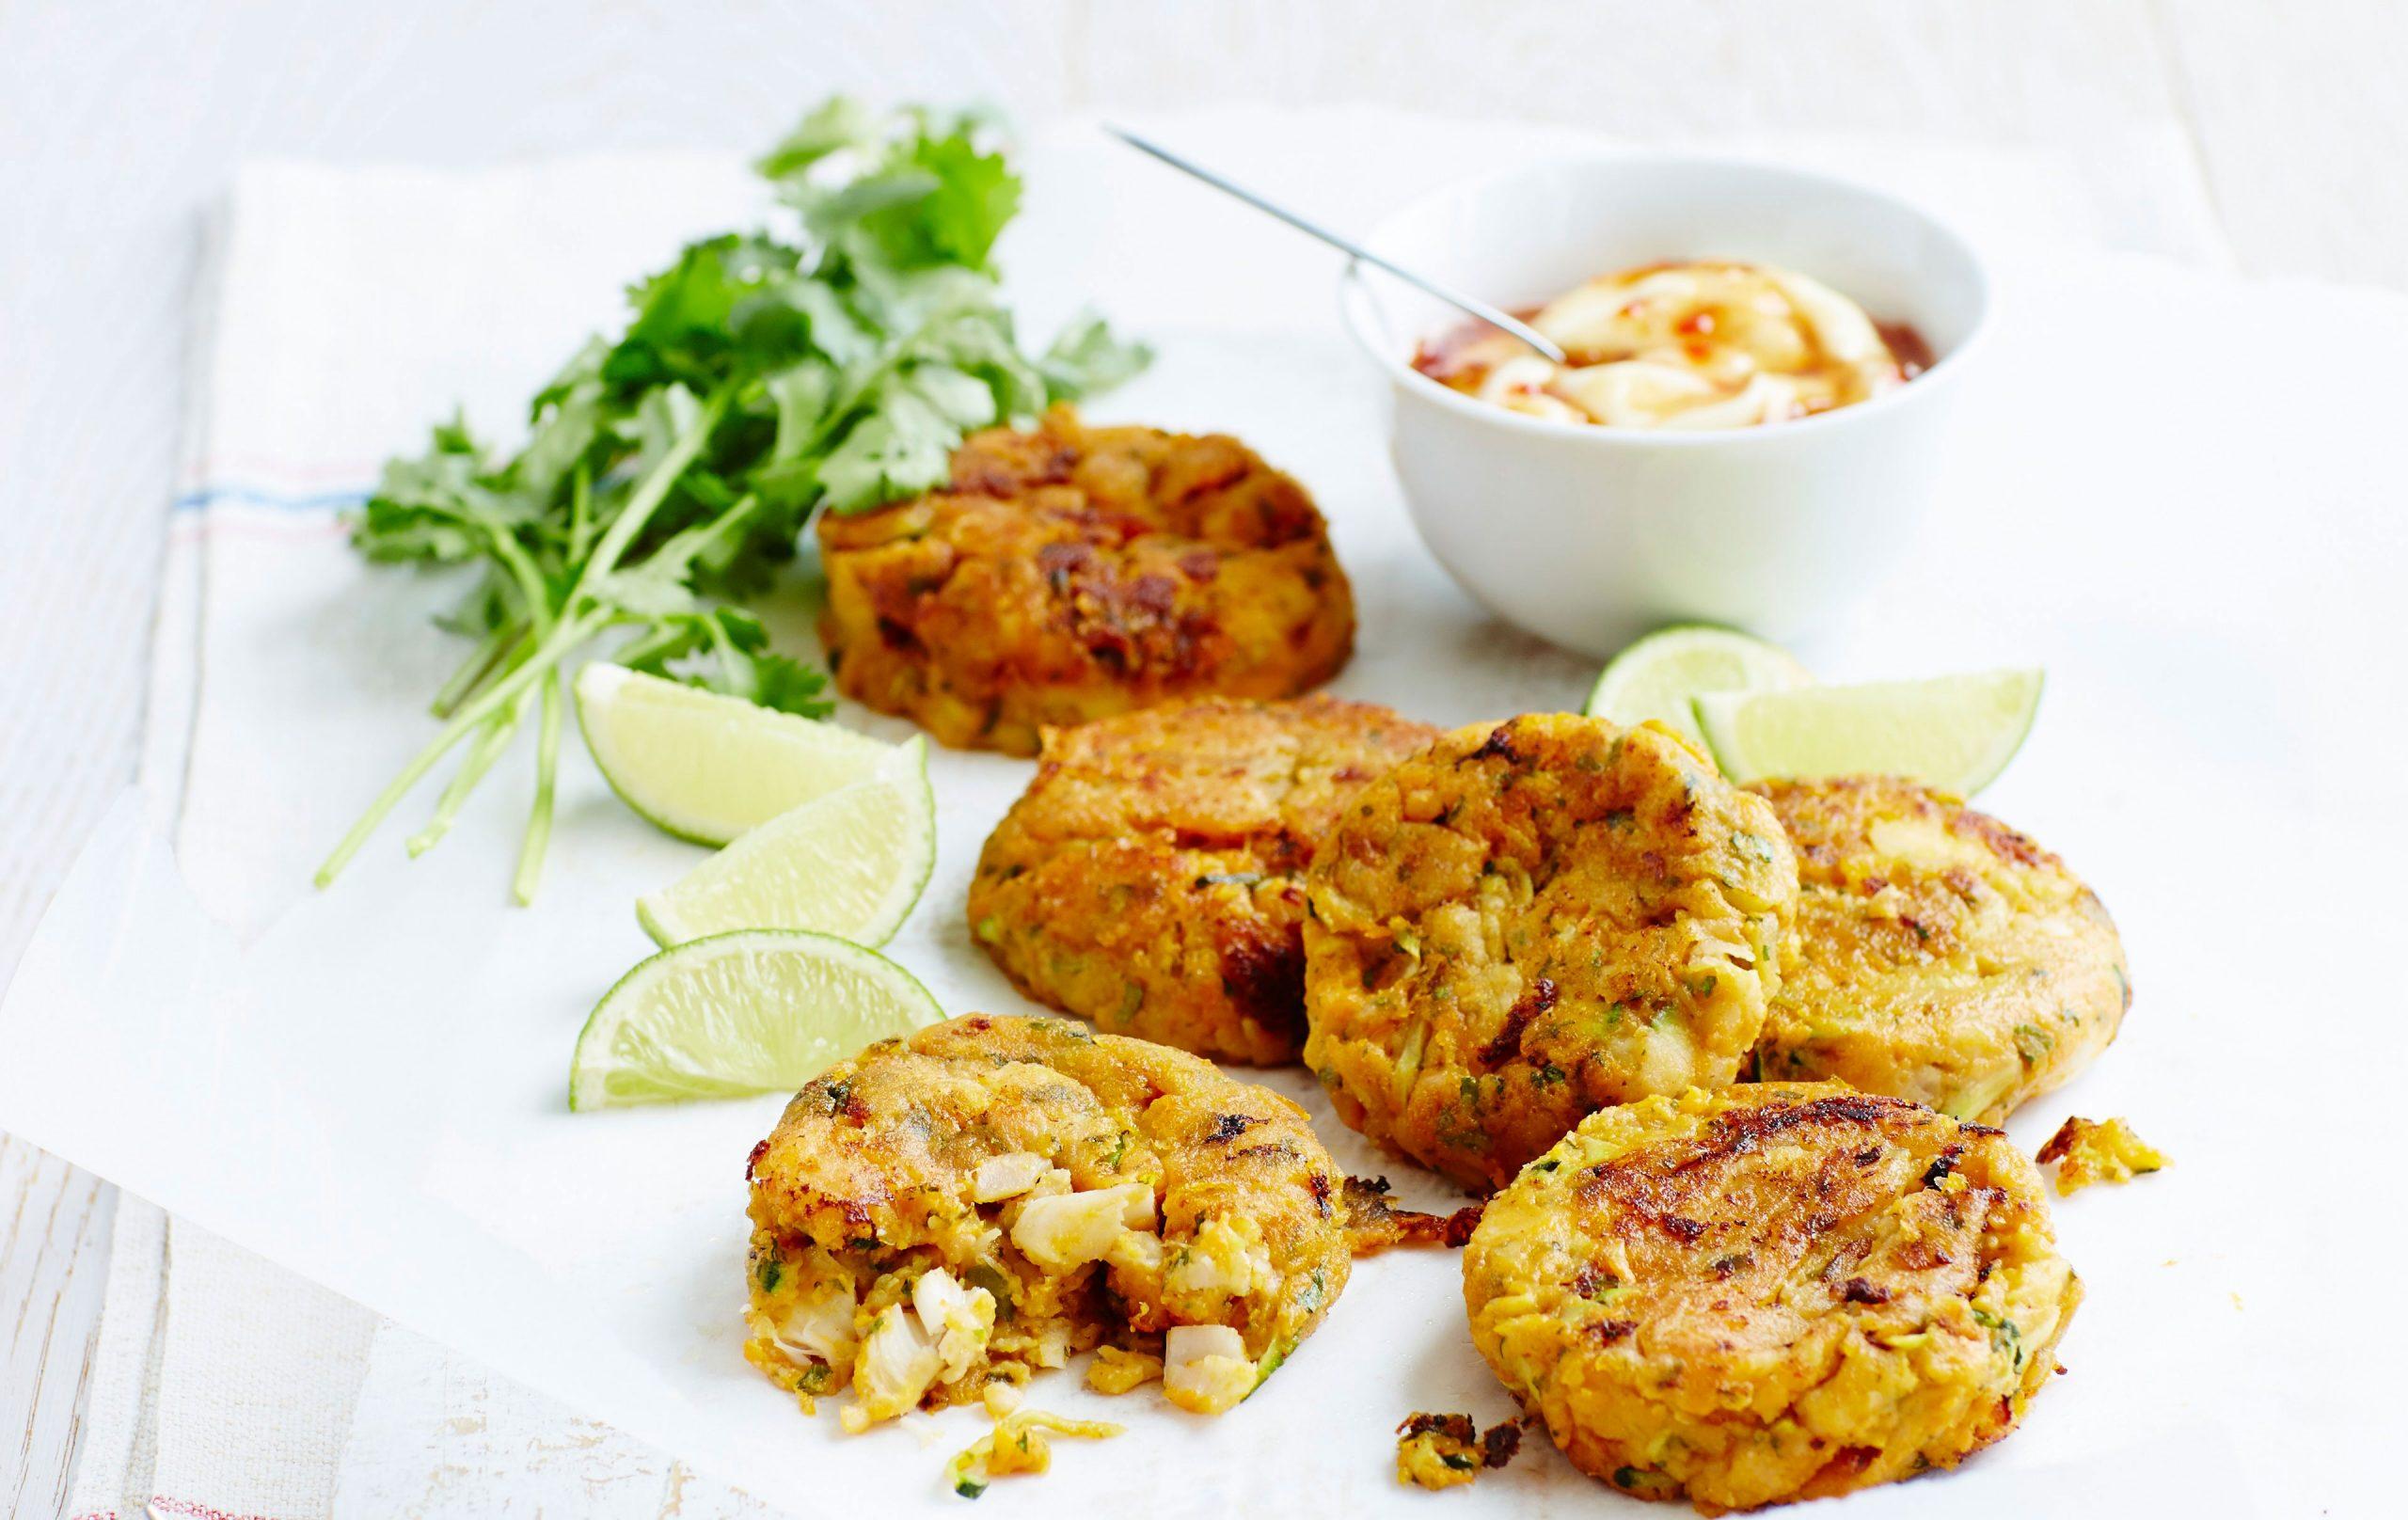 Galettes de poisson à la patate douce et à la courgette, repas basses calories